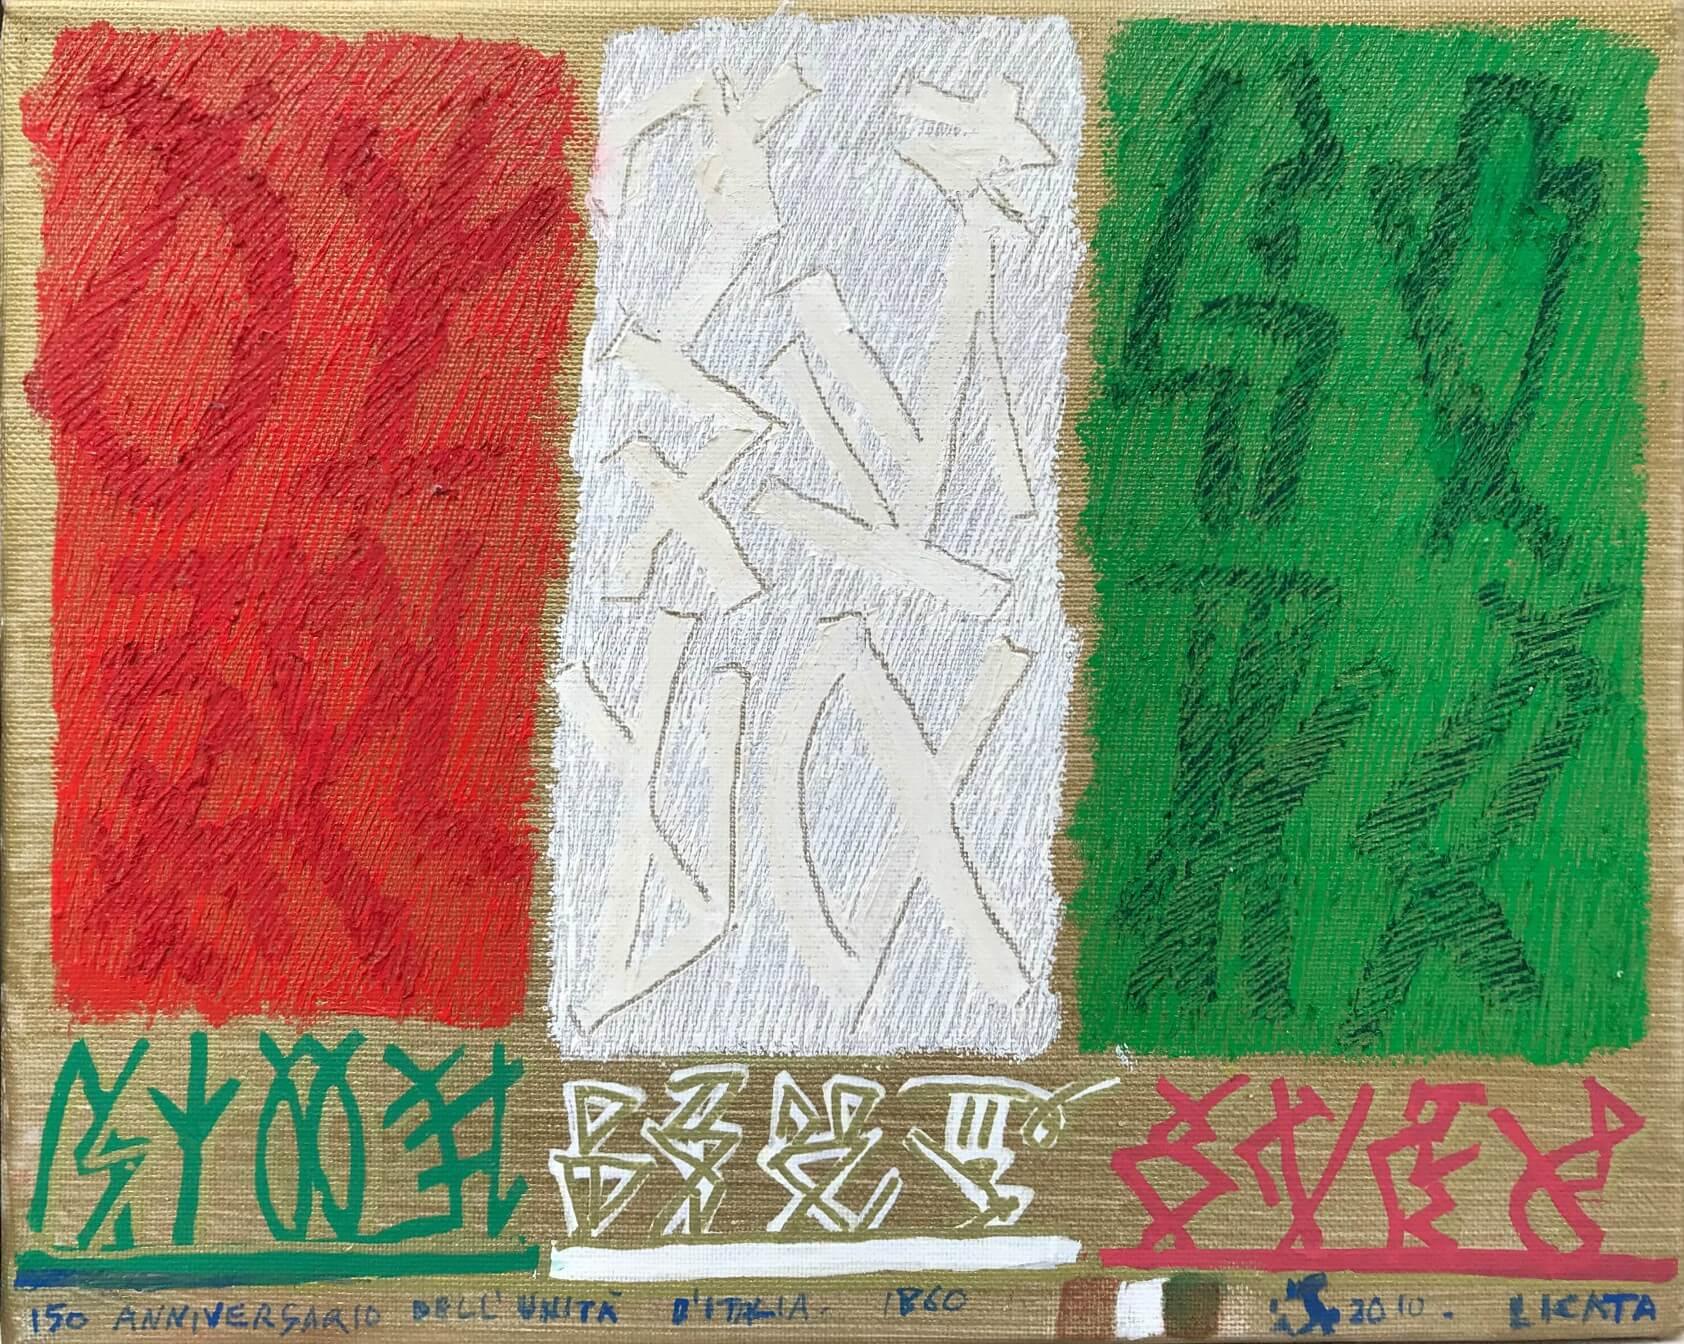 150° anniversario dell'Unità d'Italia, 2010